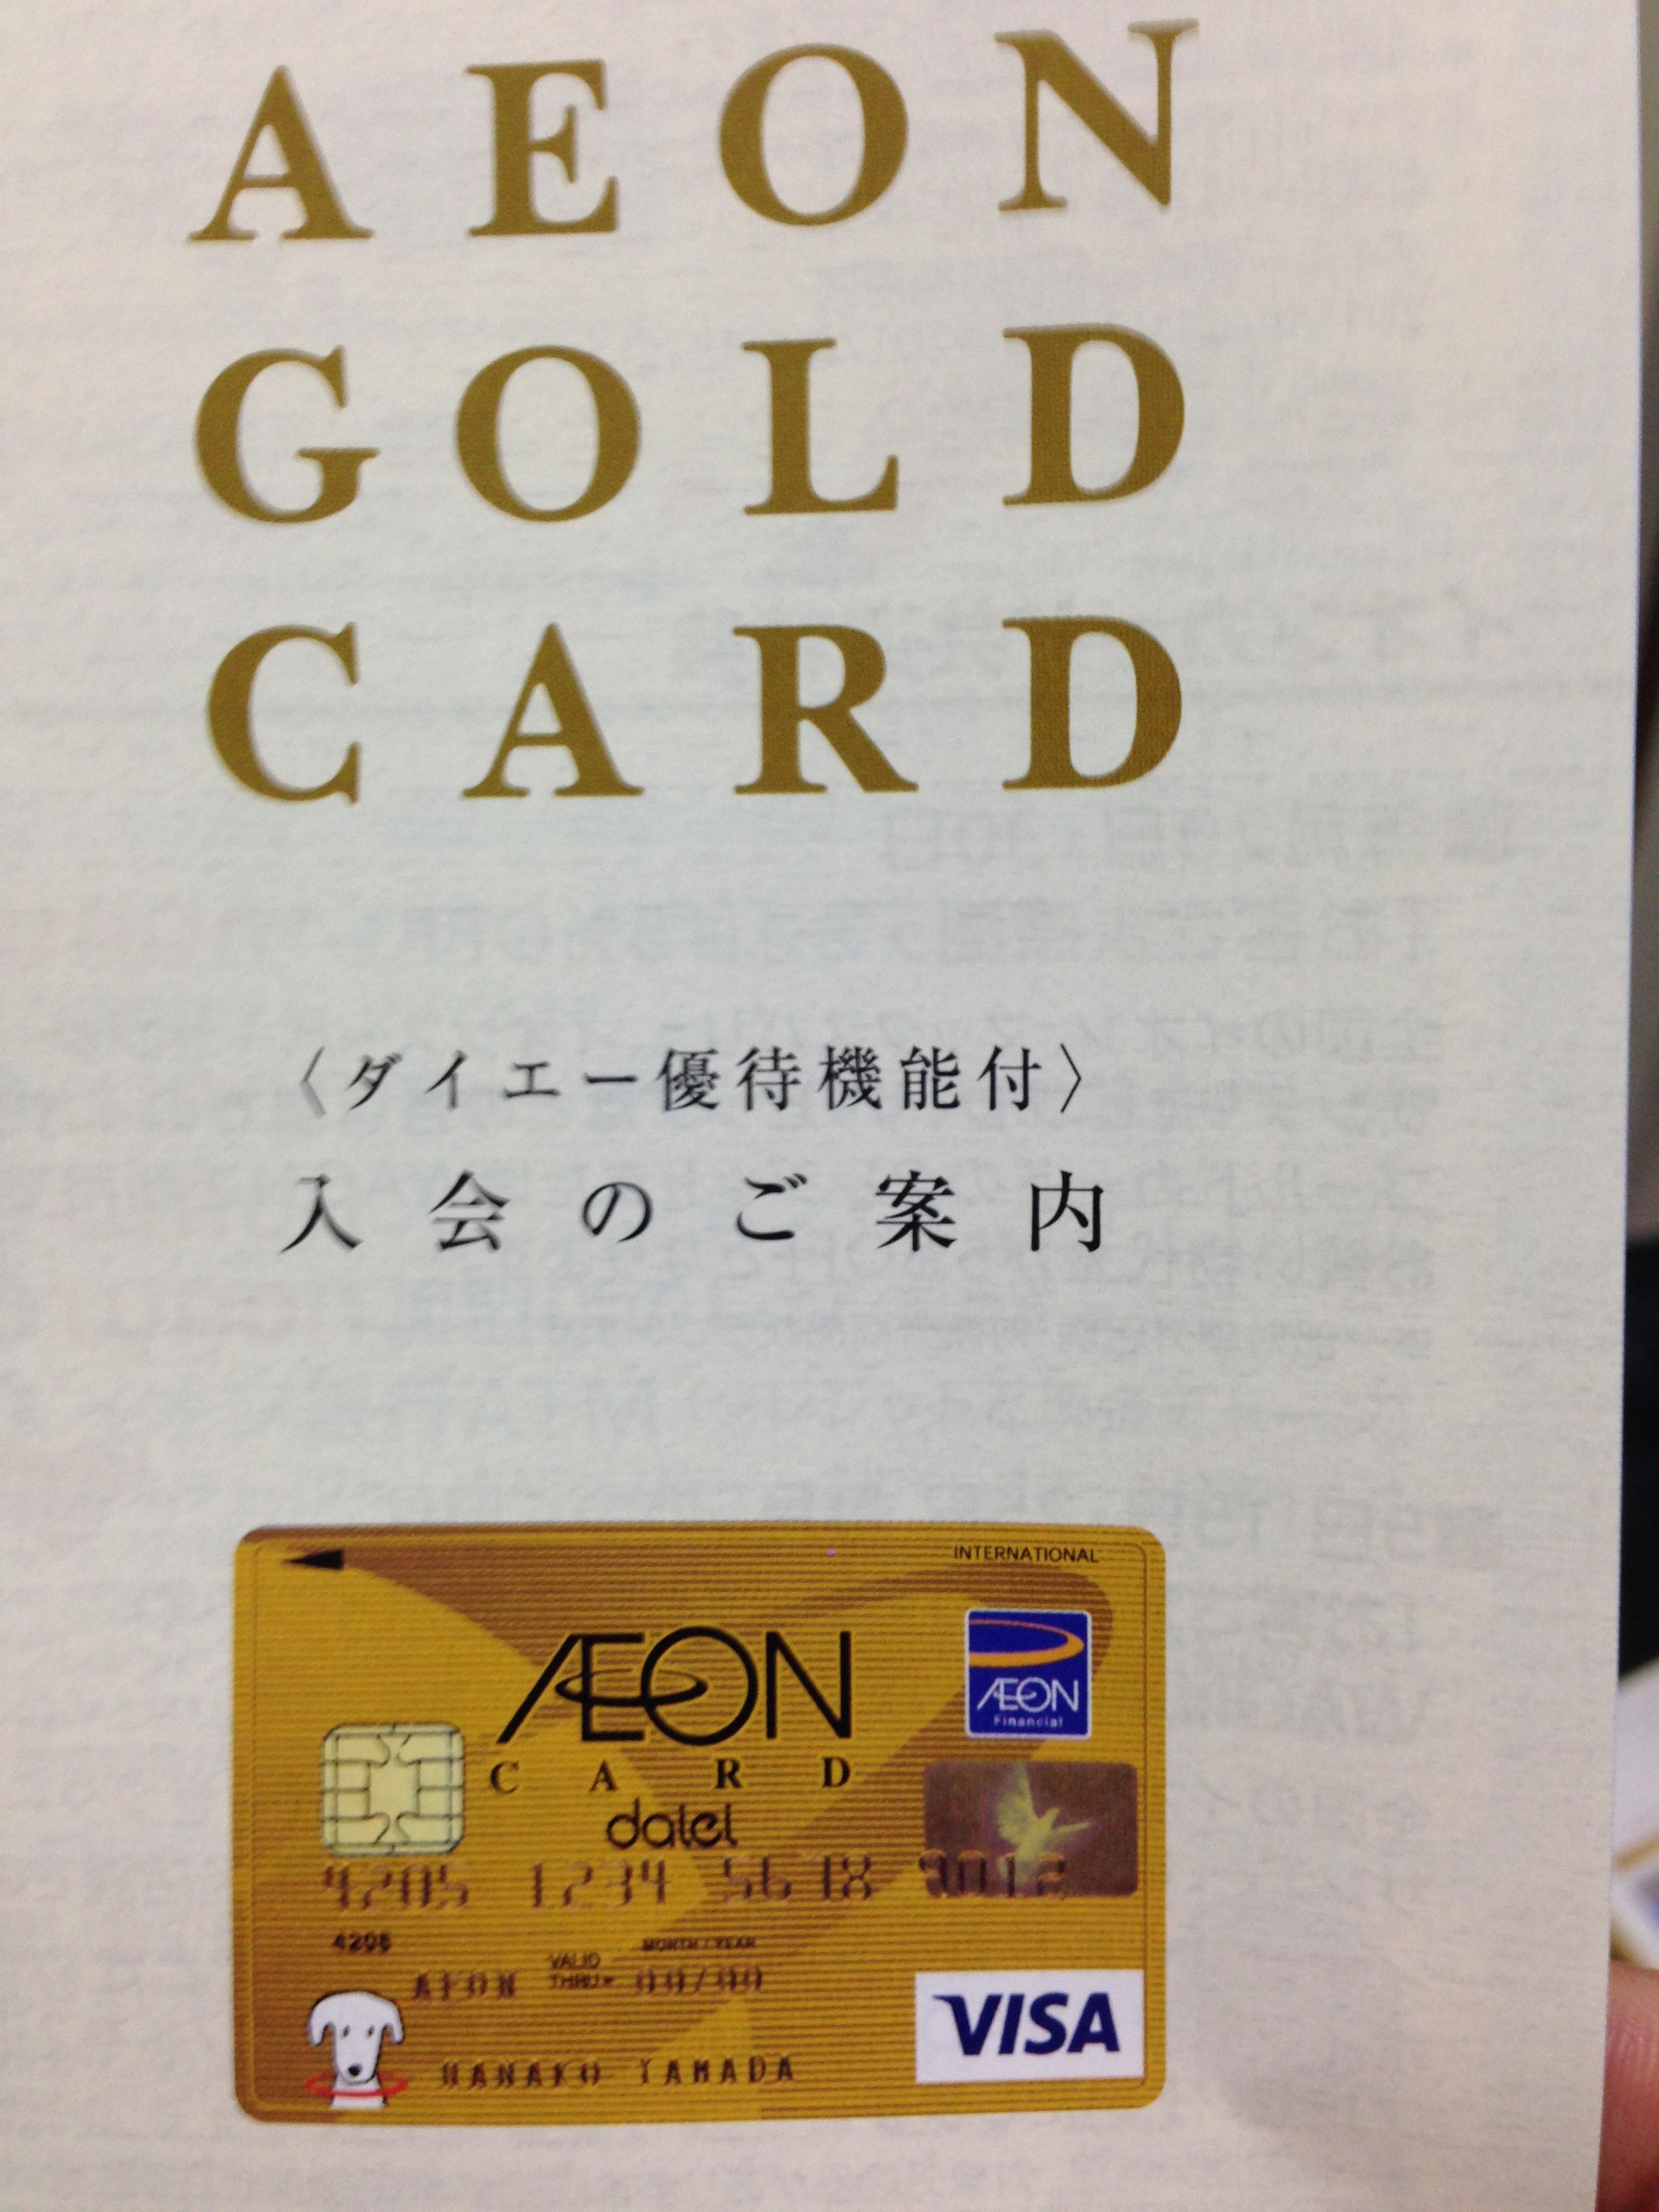 イオンゴールドカードの招待がきた!招待の条件や申込みからカードが届くまで。